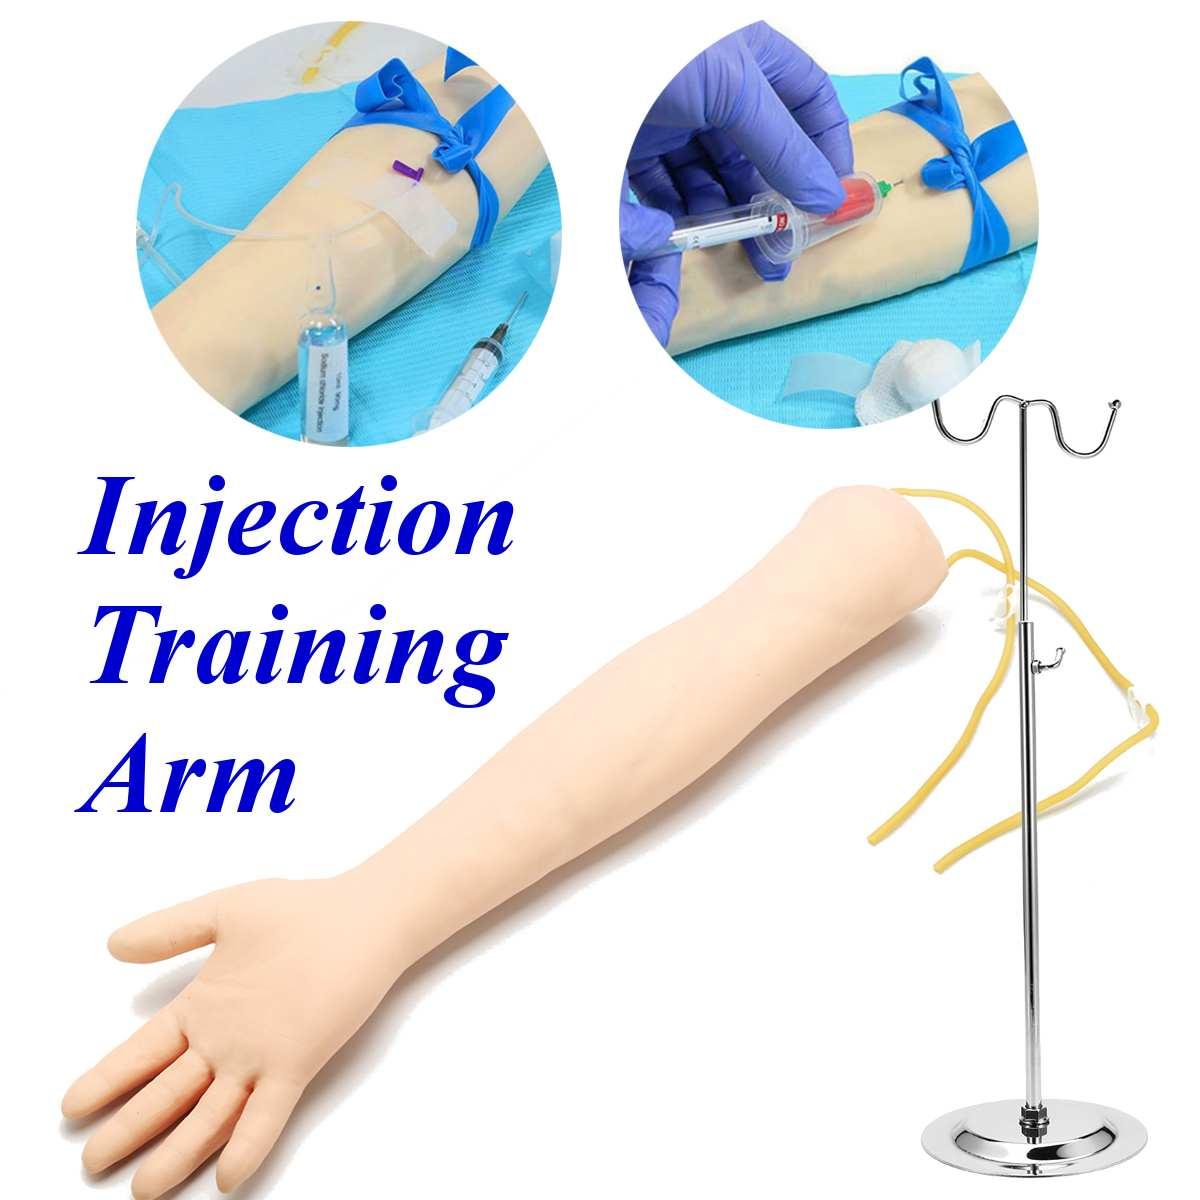 IV pratique bras phlébotomie ponction veineuse modèle avec support adulte bras ponction veineuse formation école éducatif médical modèle nouveau